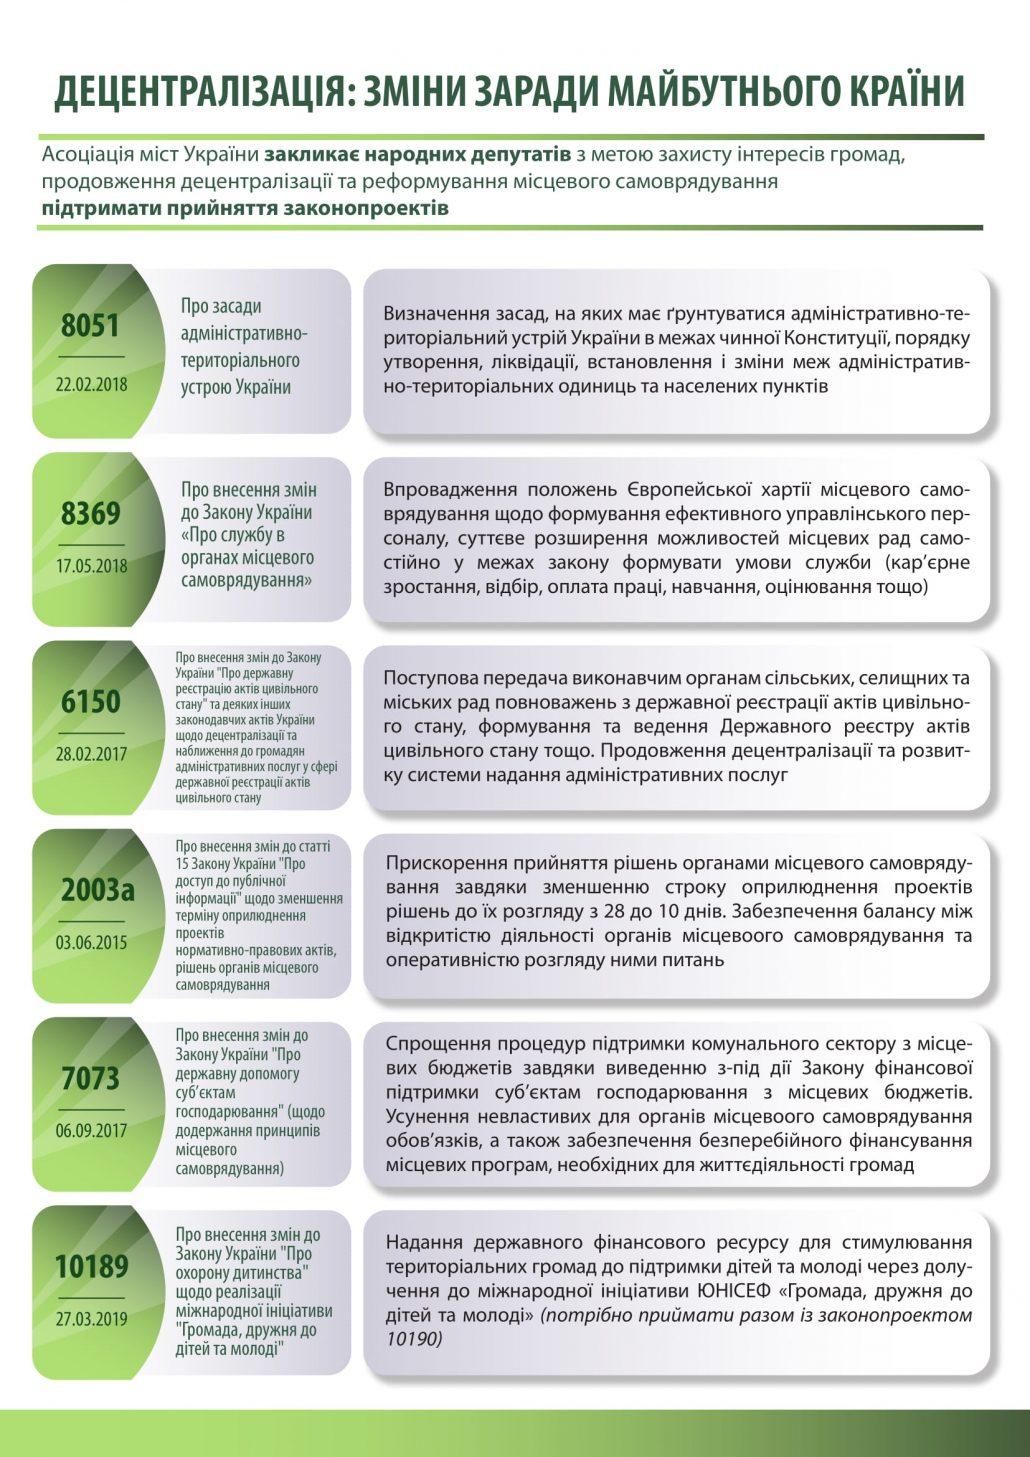 Нардепів від Кіровоградщини закликають підтримати децентралізаційні закони - 1 - Децентралізація - Без Купюр